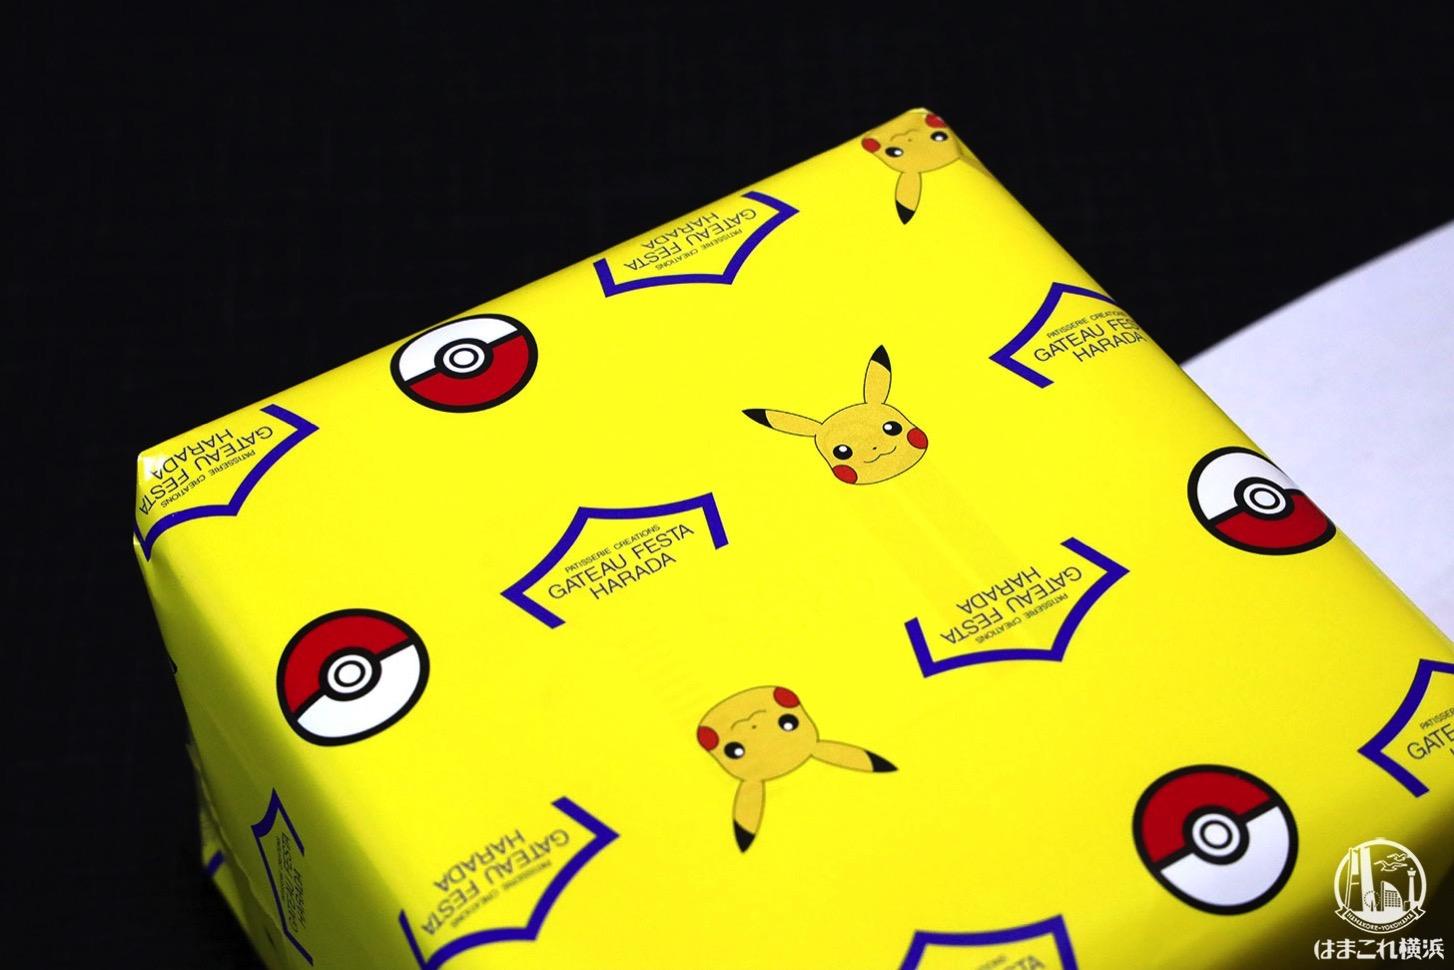 ガトーフェスタハラダ ピカチュウデザインの包装紙